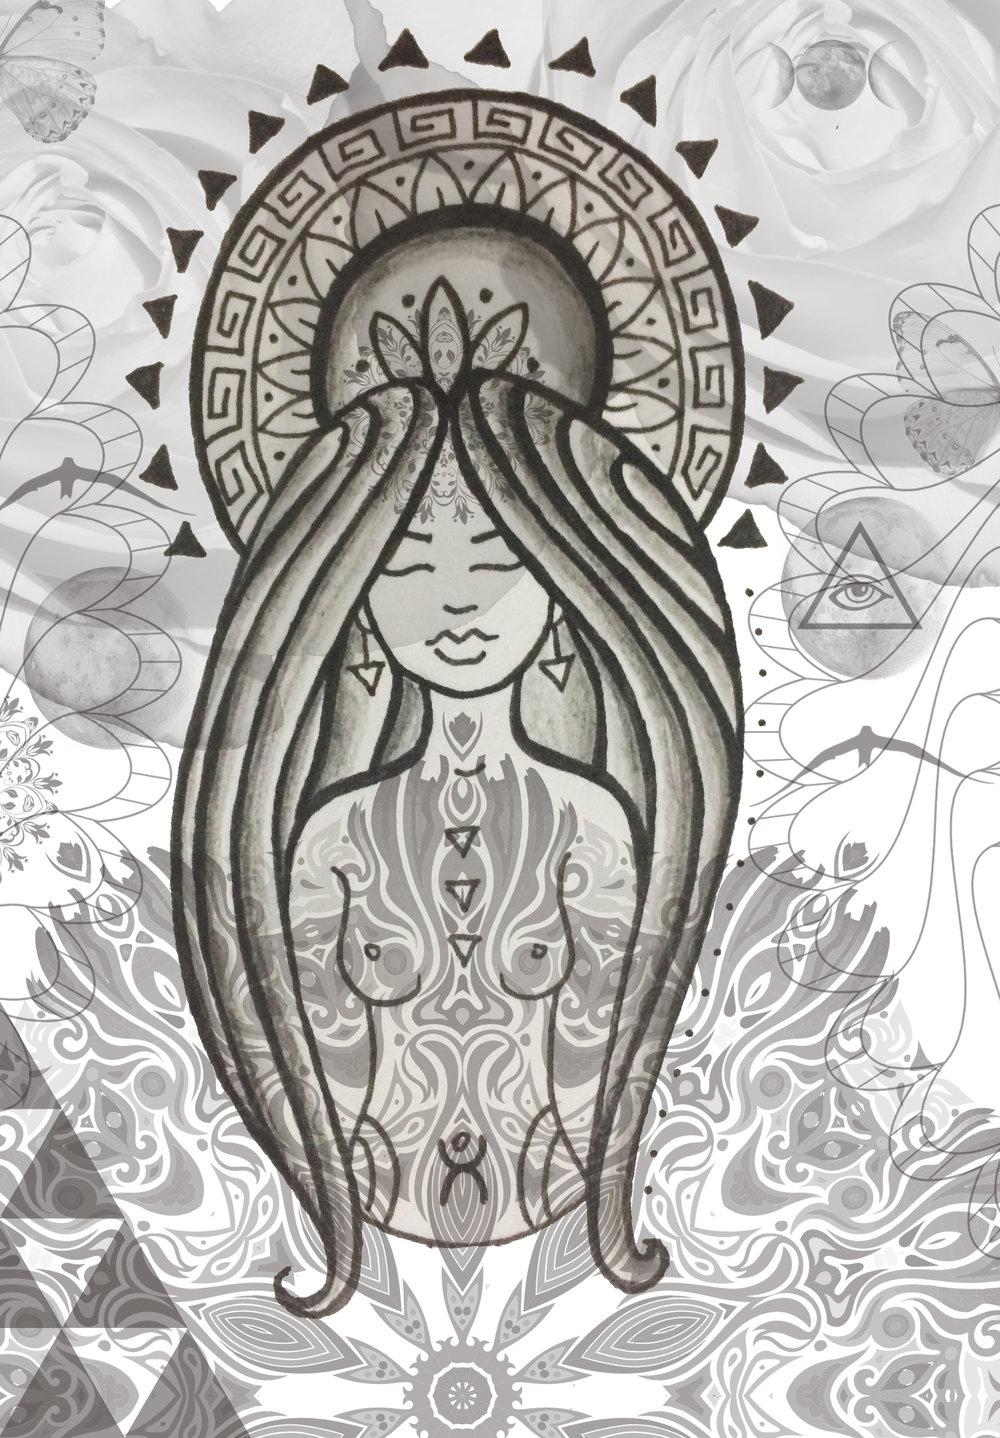 anahera pono aio maori angel spirituality te ao hou mana wahine